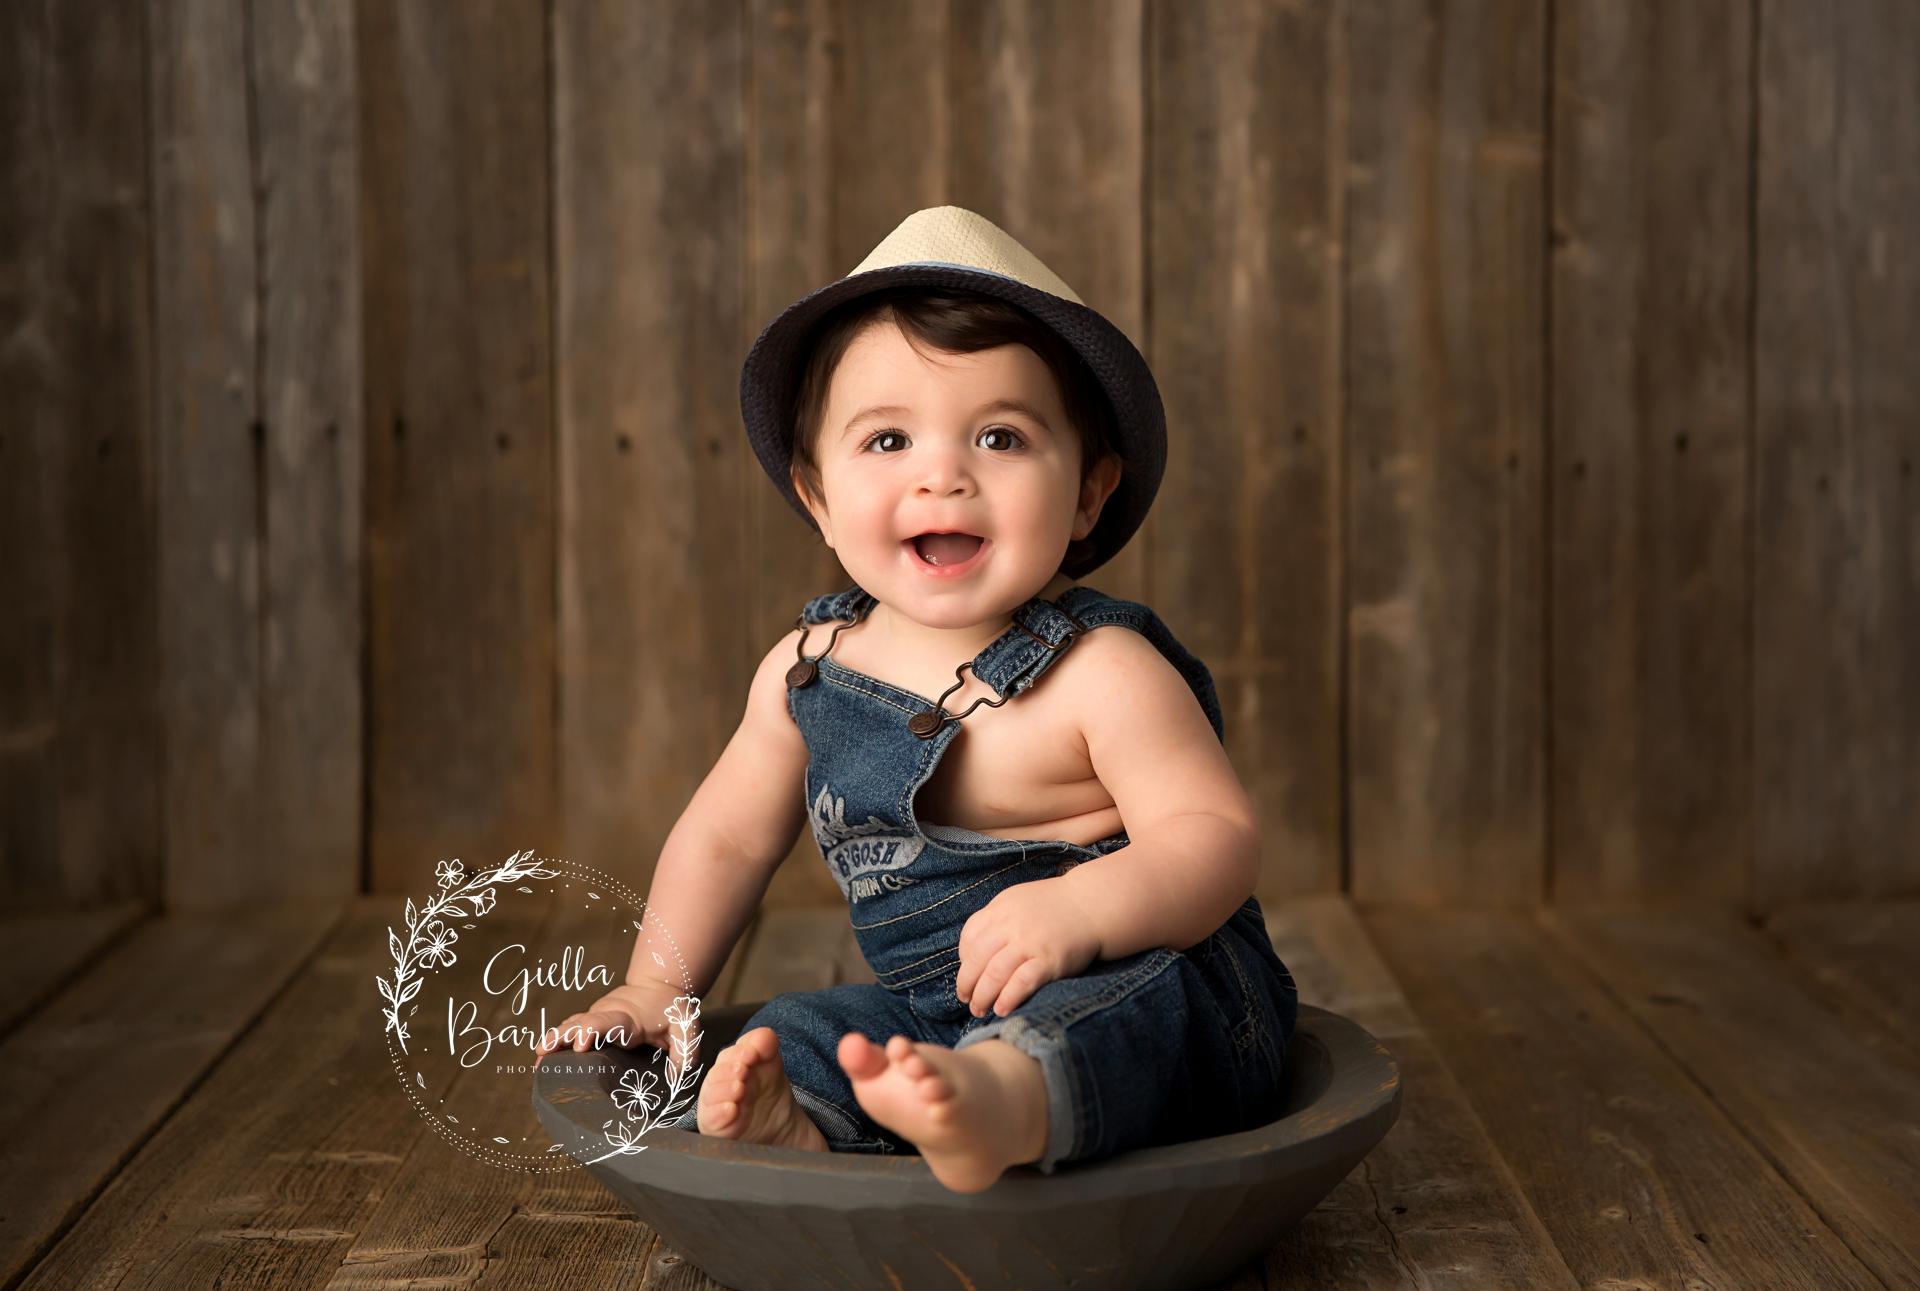 boy in a bowl